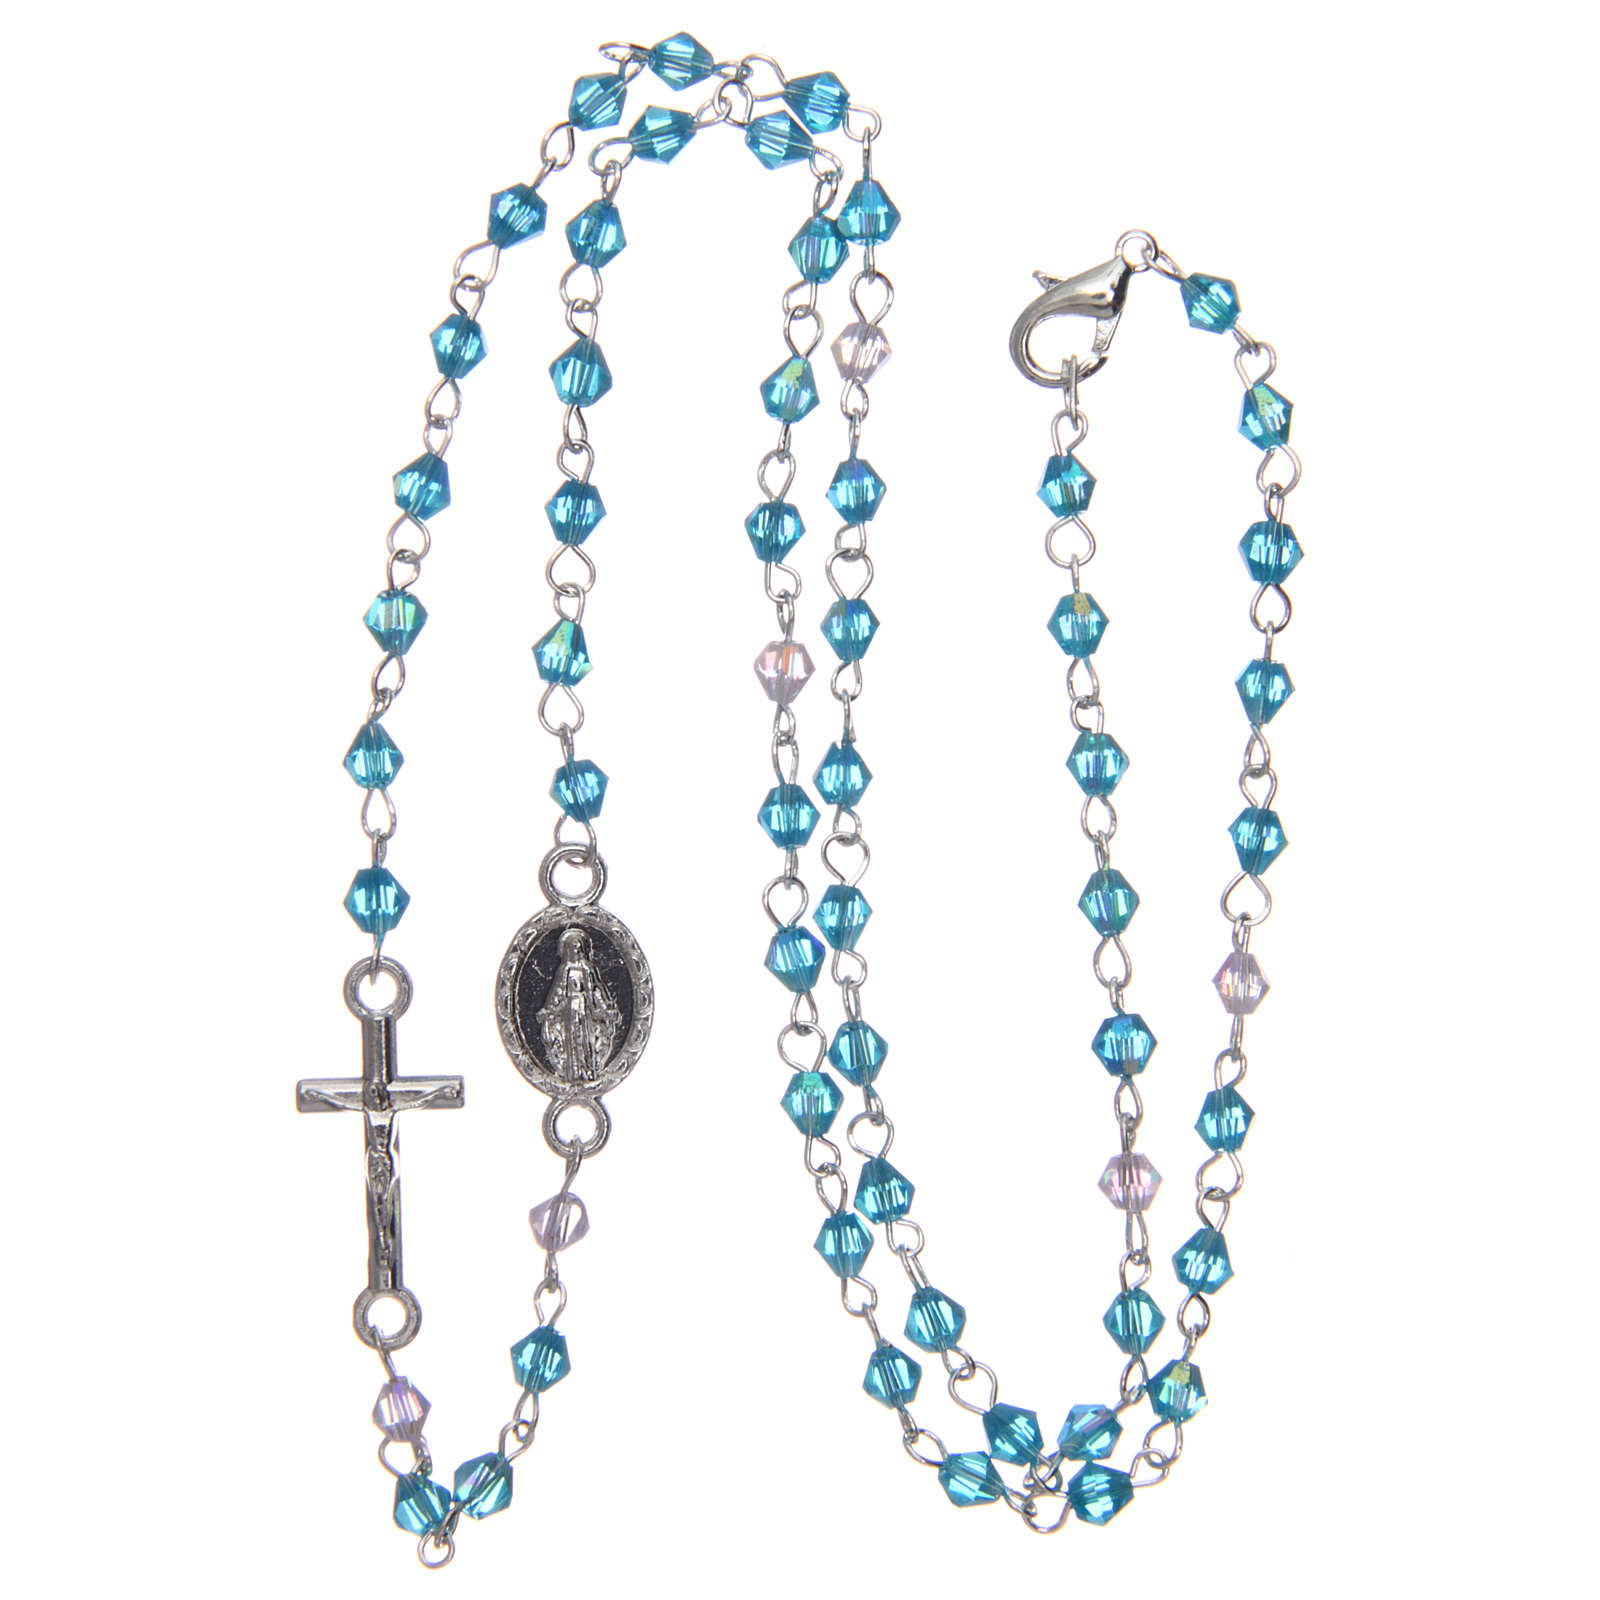 Rosario a collana mezzo cristallo 3 mm ovale azzurro iridescente 4